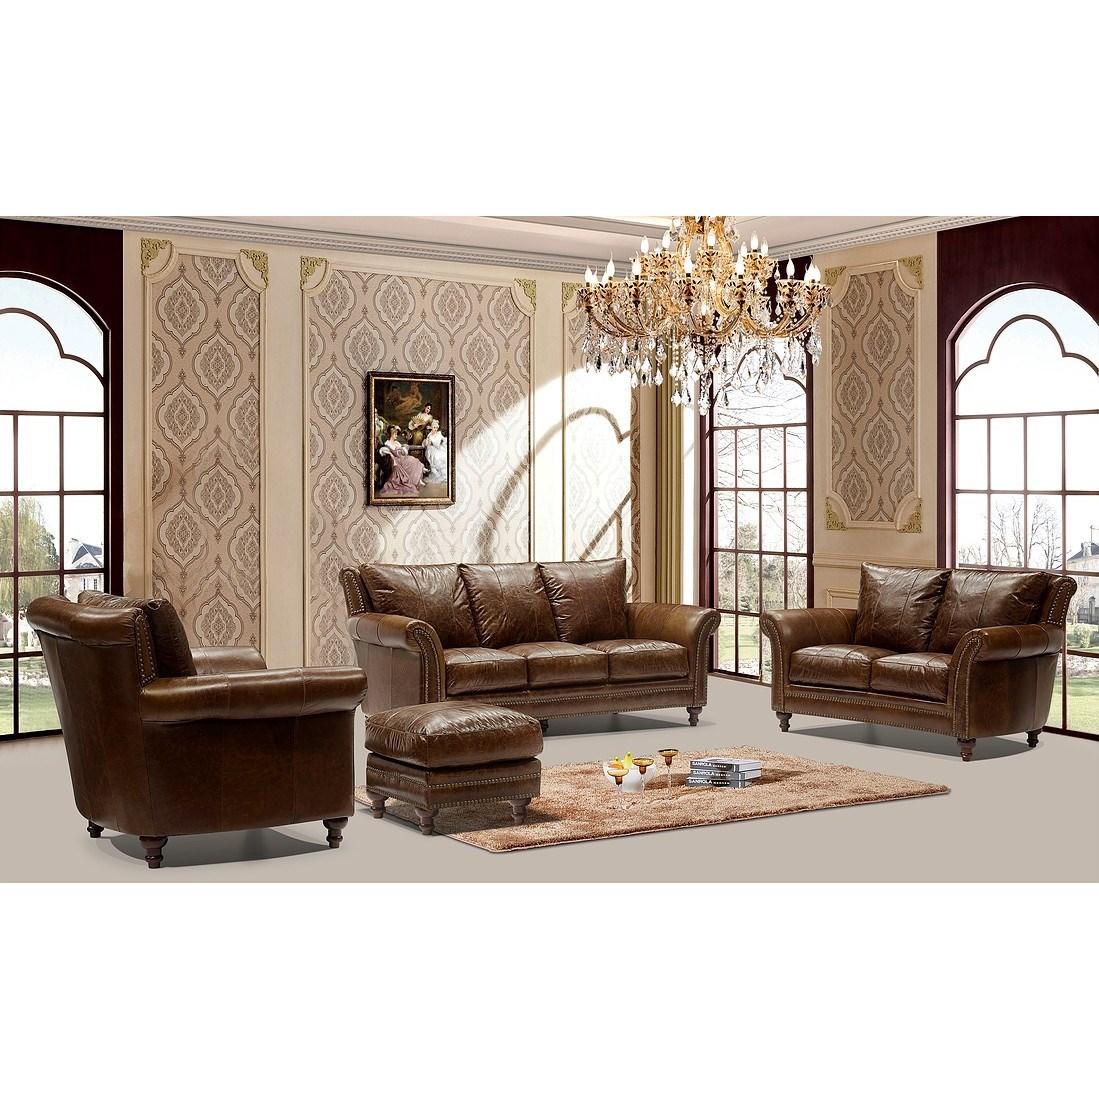 Leather Furniture Company: Leather Italia USA Georgetowne